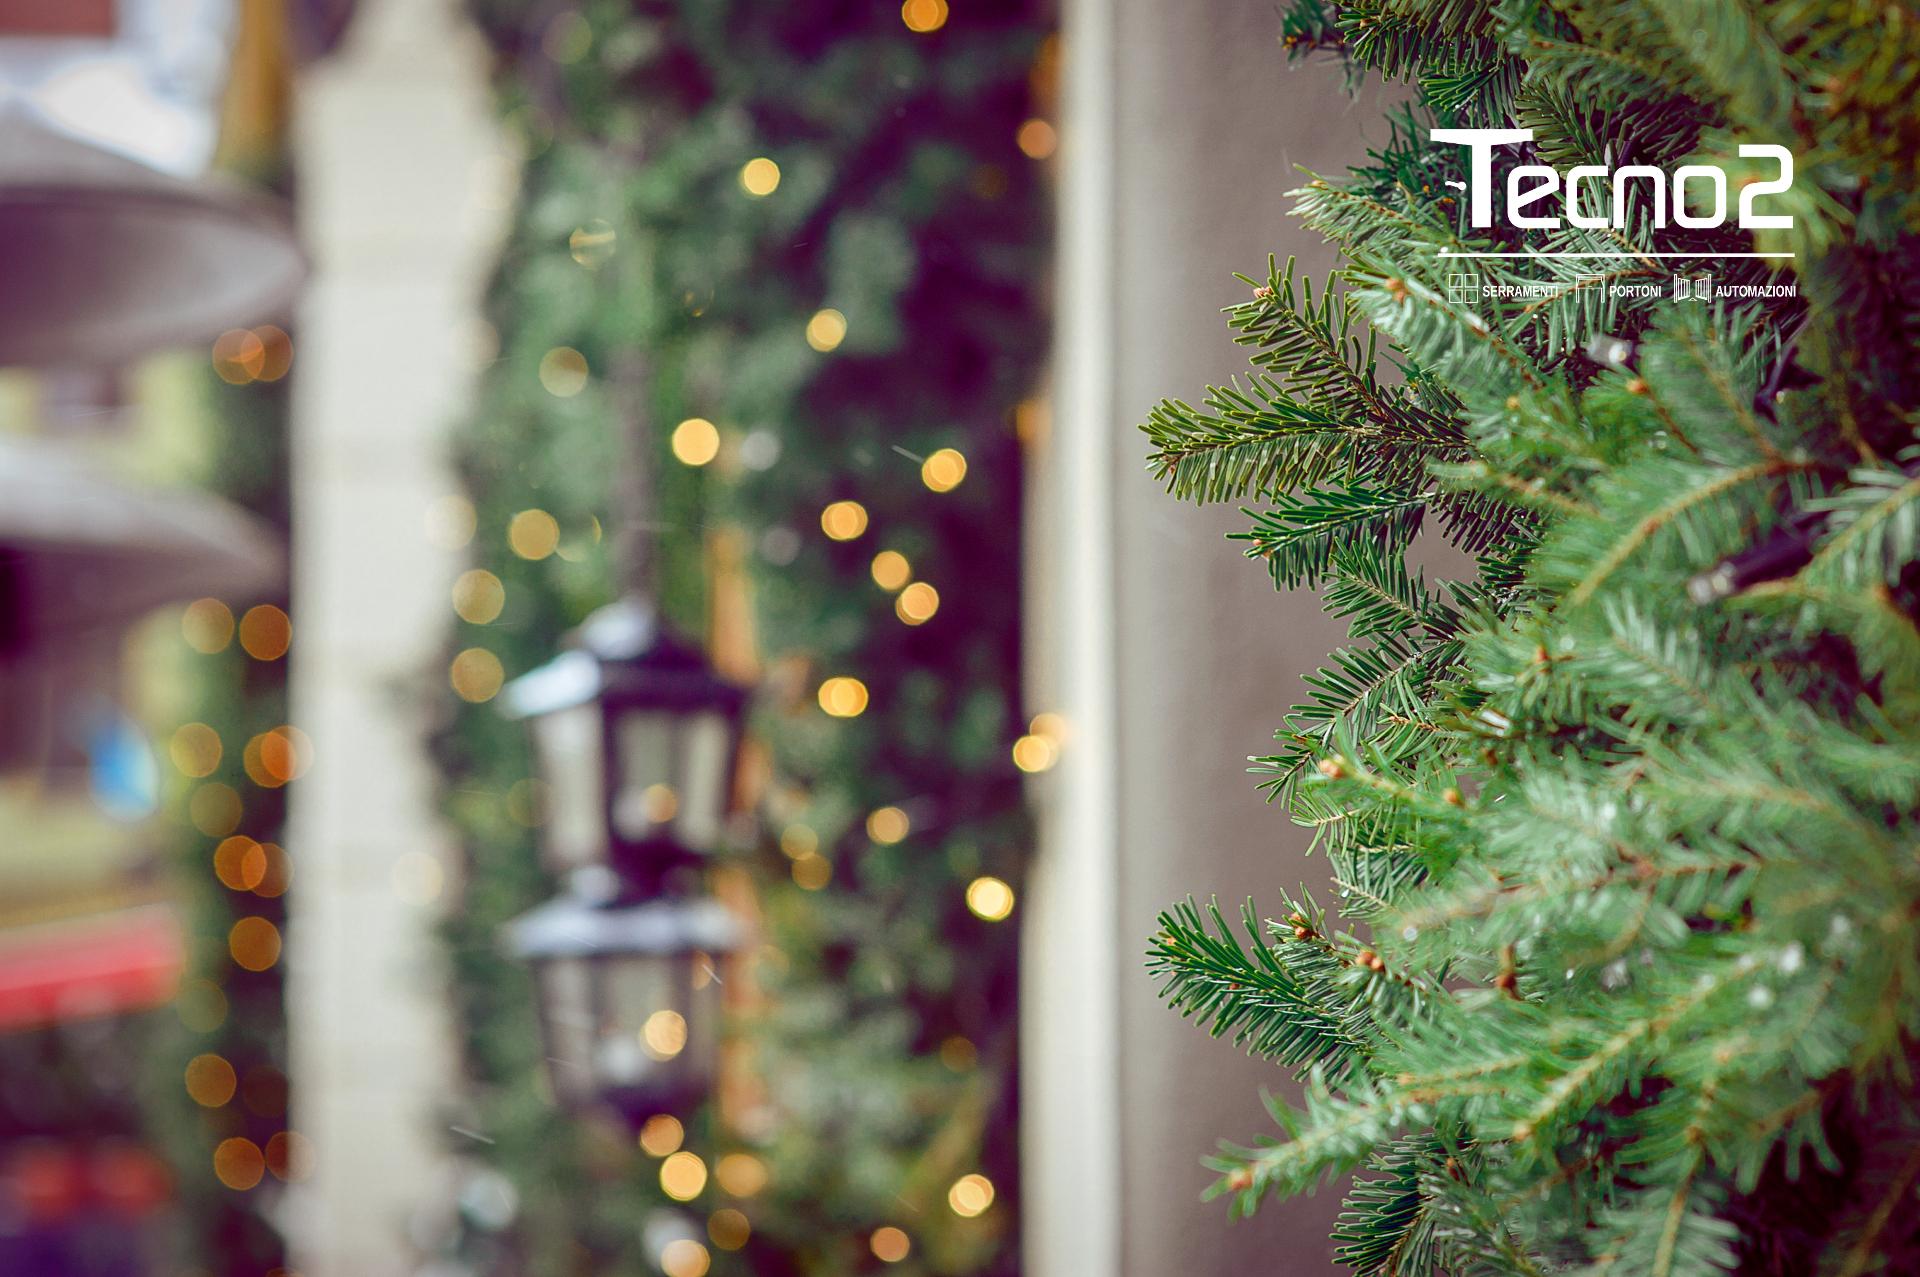 Decorare gli esterni di casa a Natale